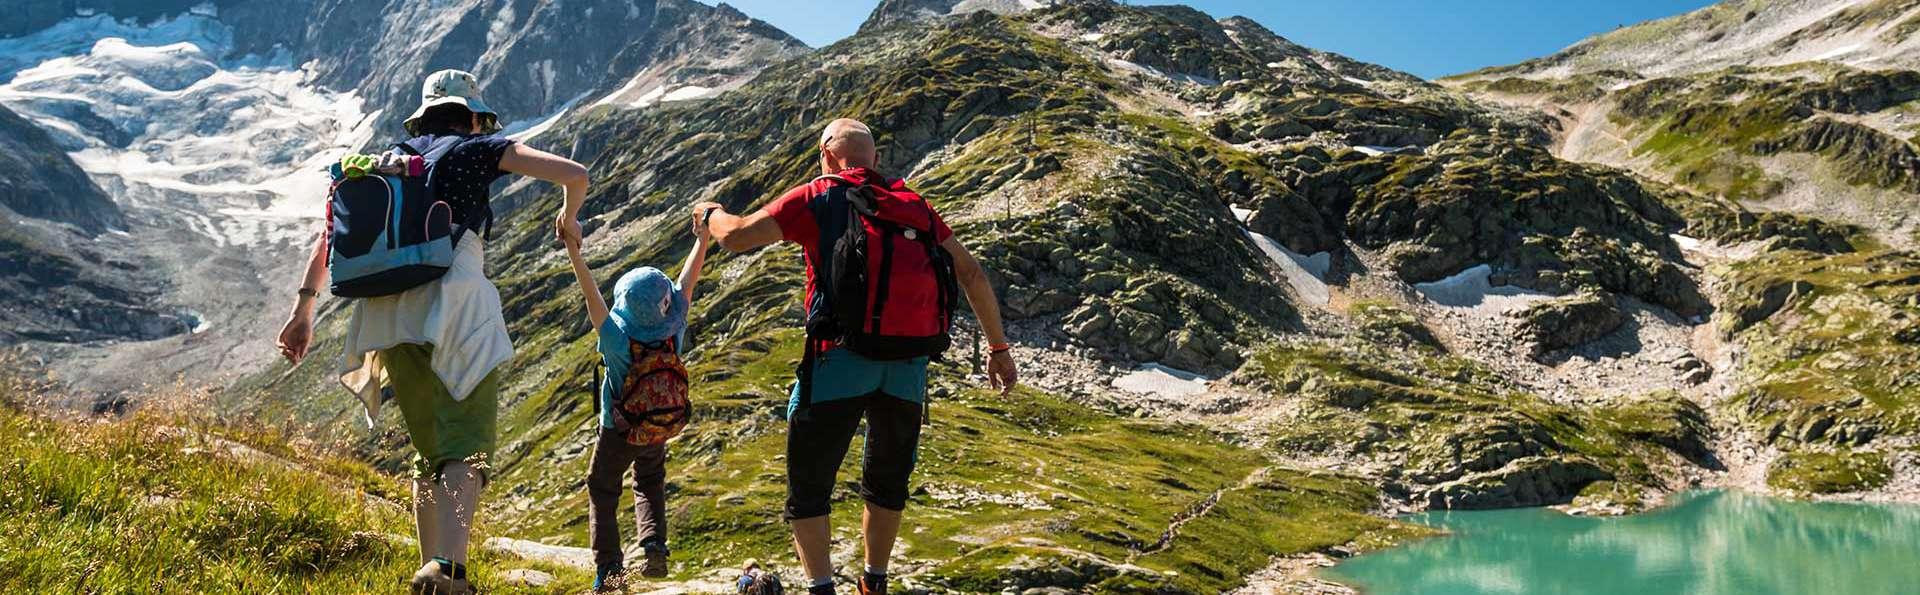 Détendez-vous en famille à Andorre, séjour d'un enfant gratuit et accès à Caldea inclus